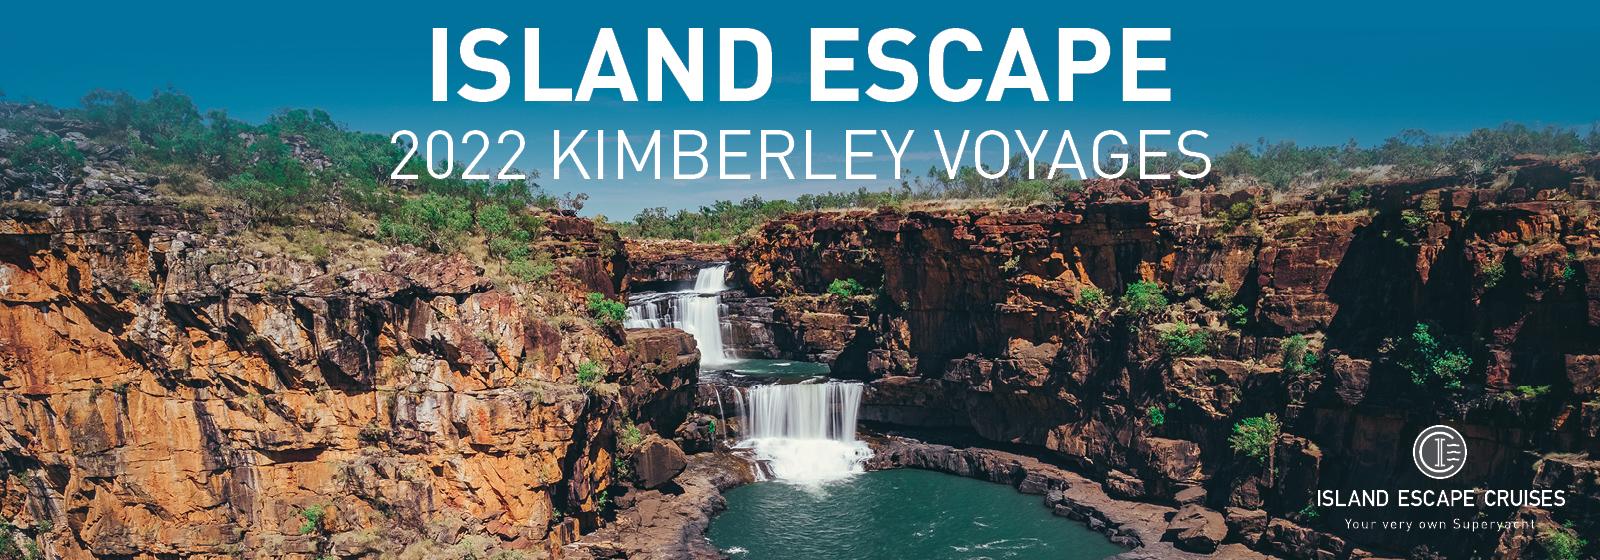 island-escape-new